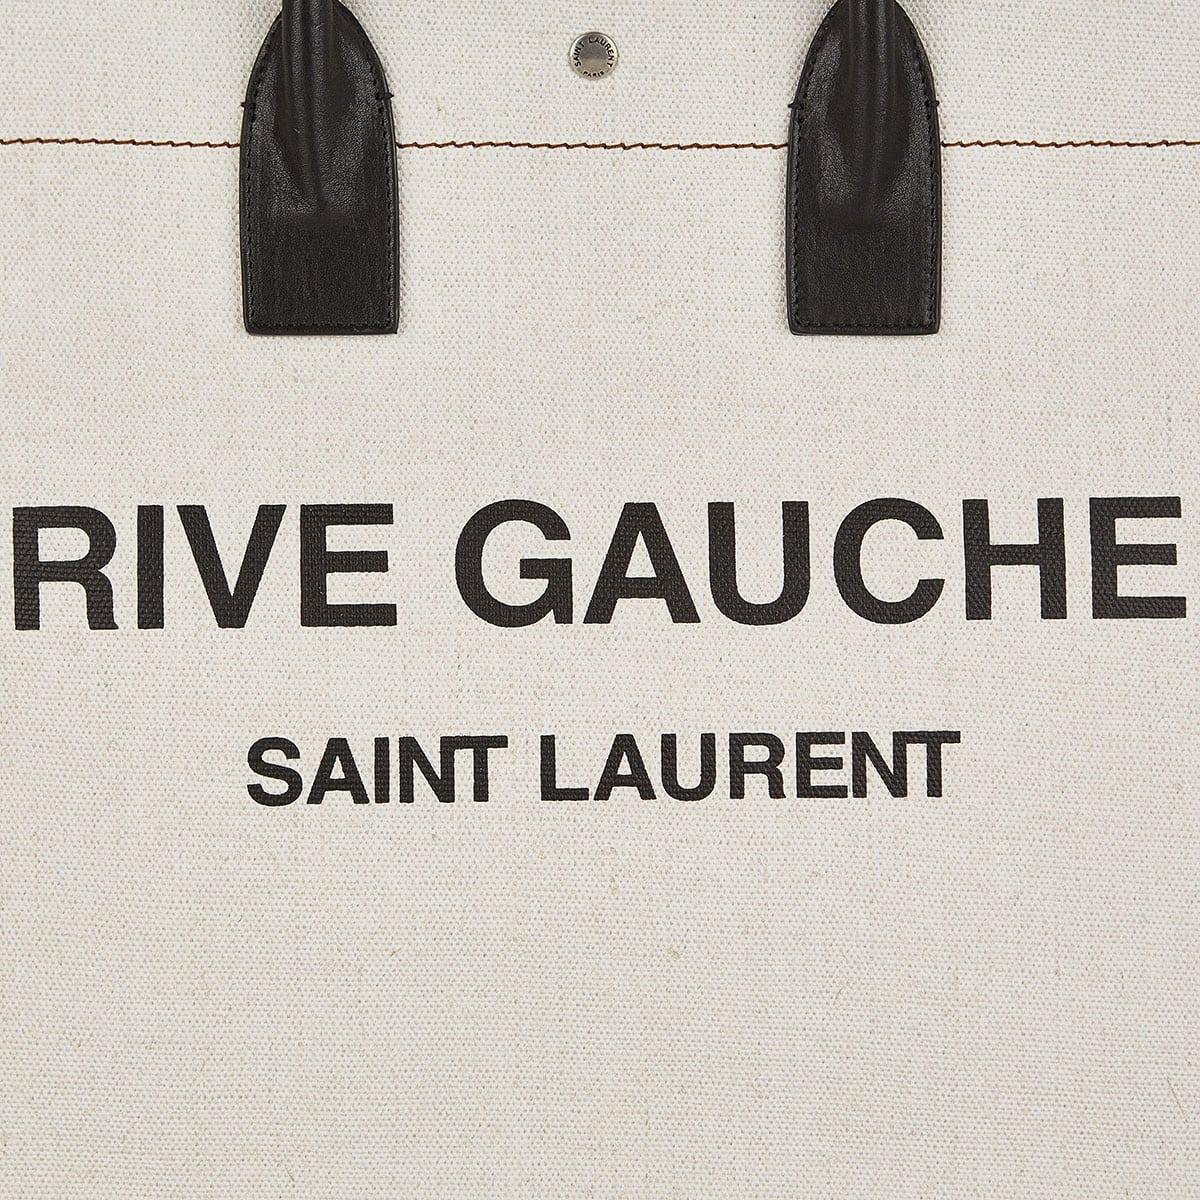 Rive Gauche linen tote